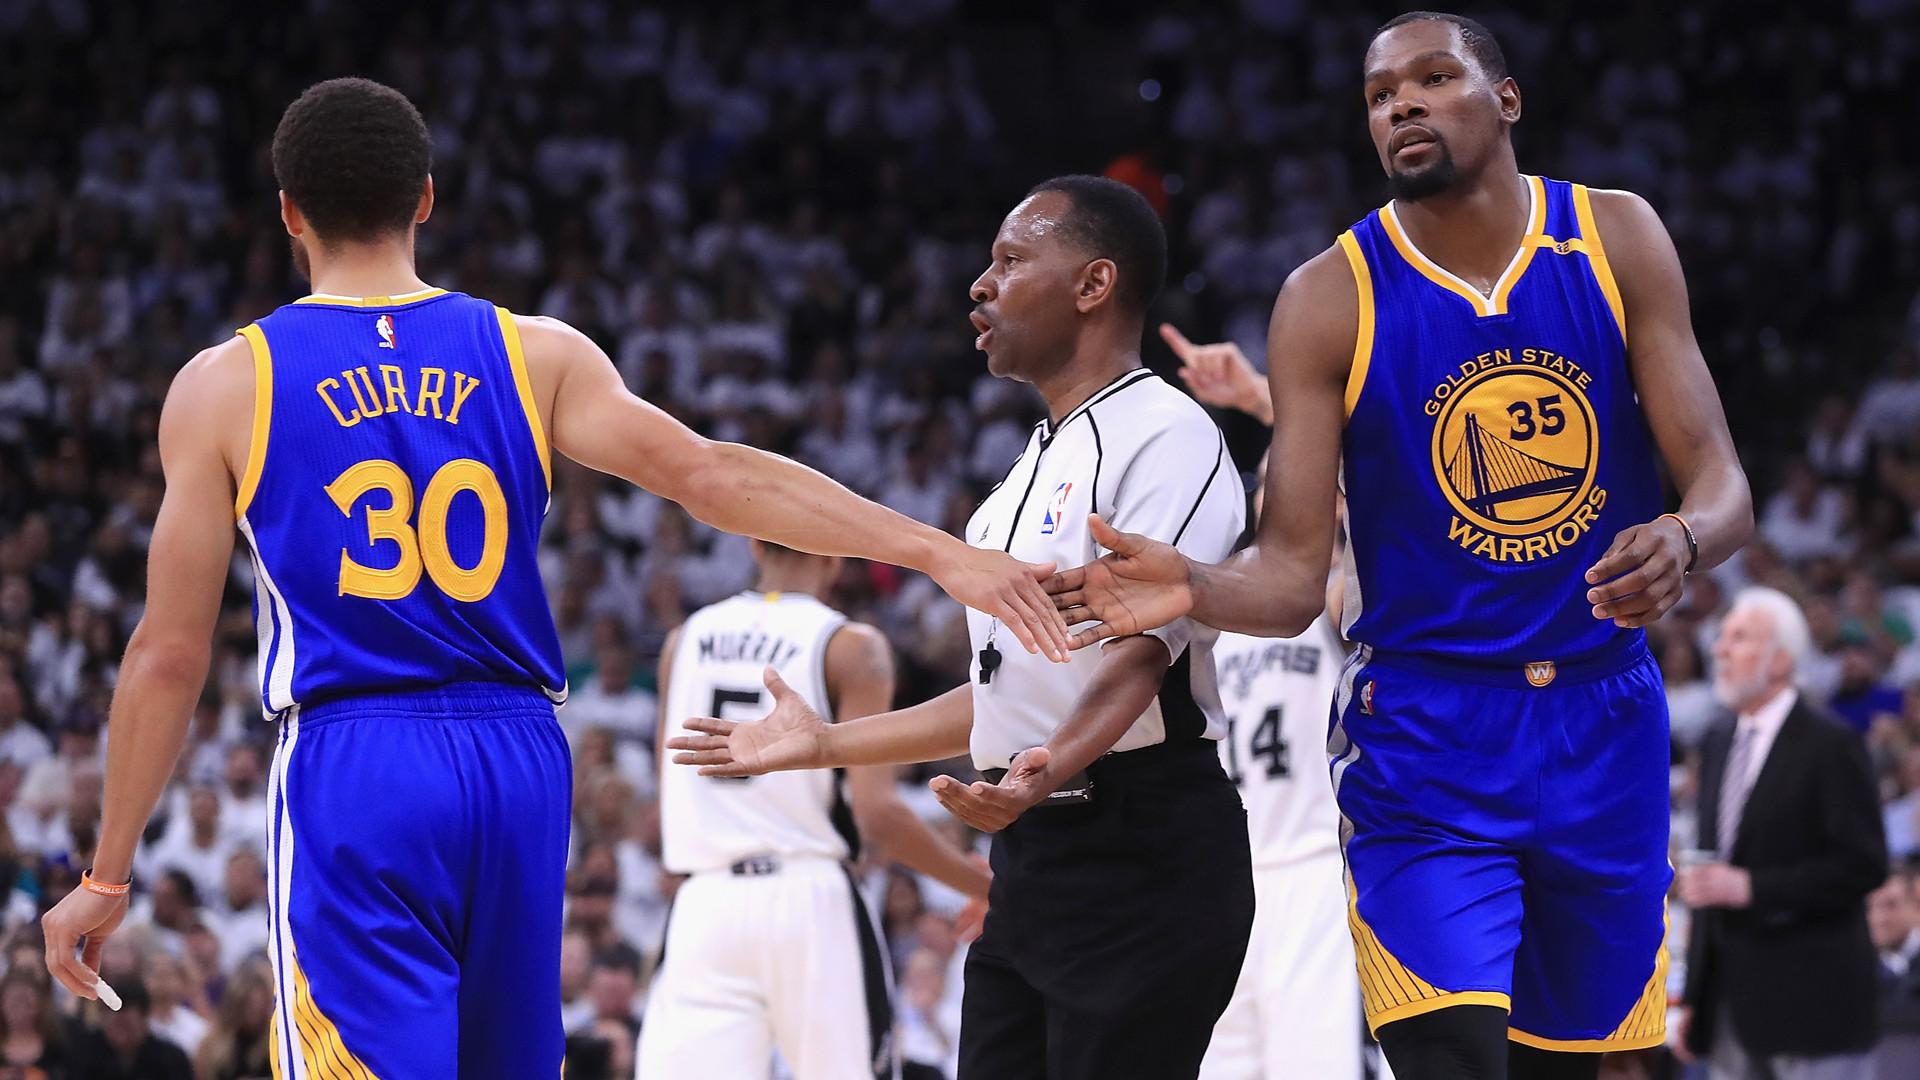 Голден Стэйт — Хьюстон. Прогноз на матч 4 января 2018. НБА